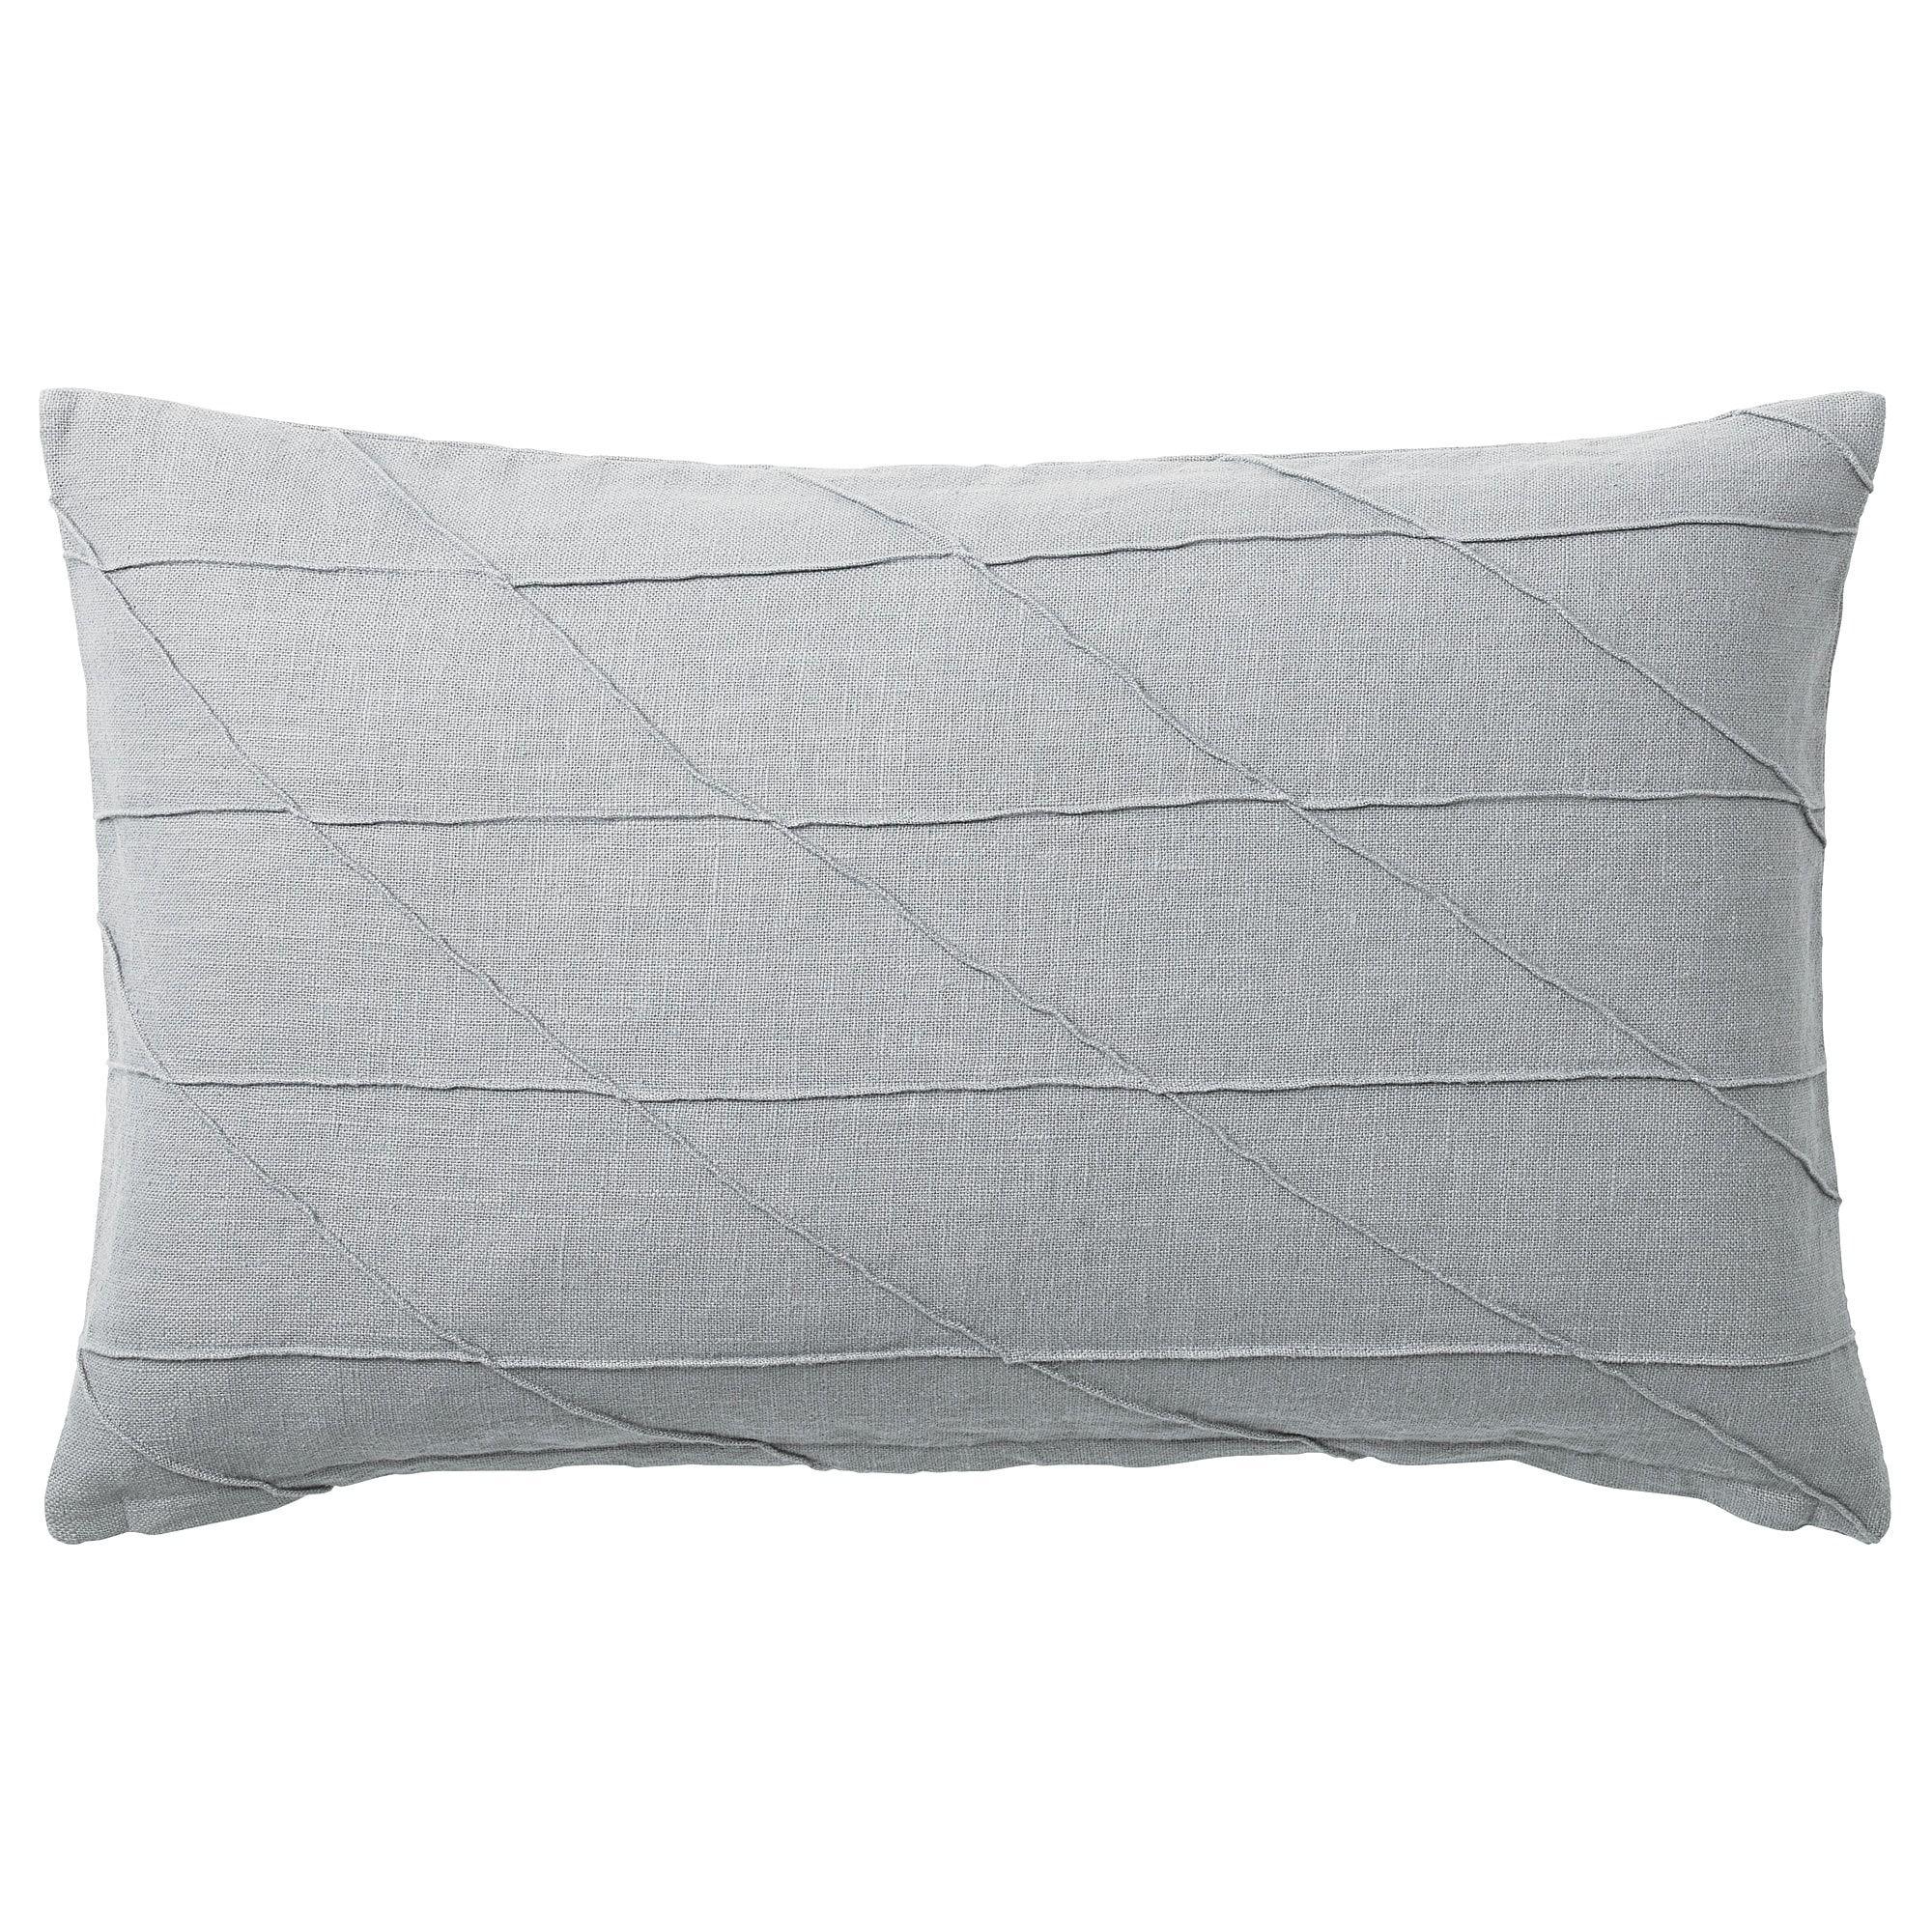 Harort Cushion Gray 16x26 Ikea Cushions Cushions Ikea Ikea